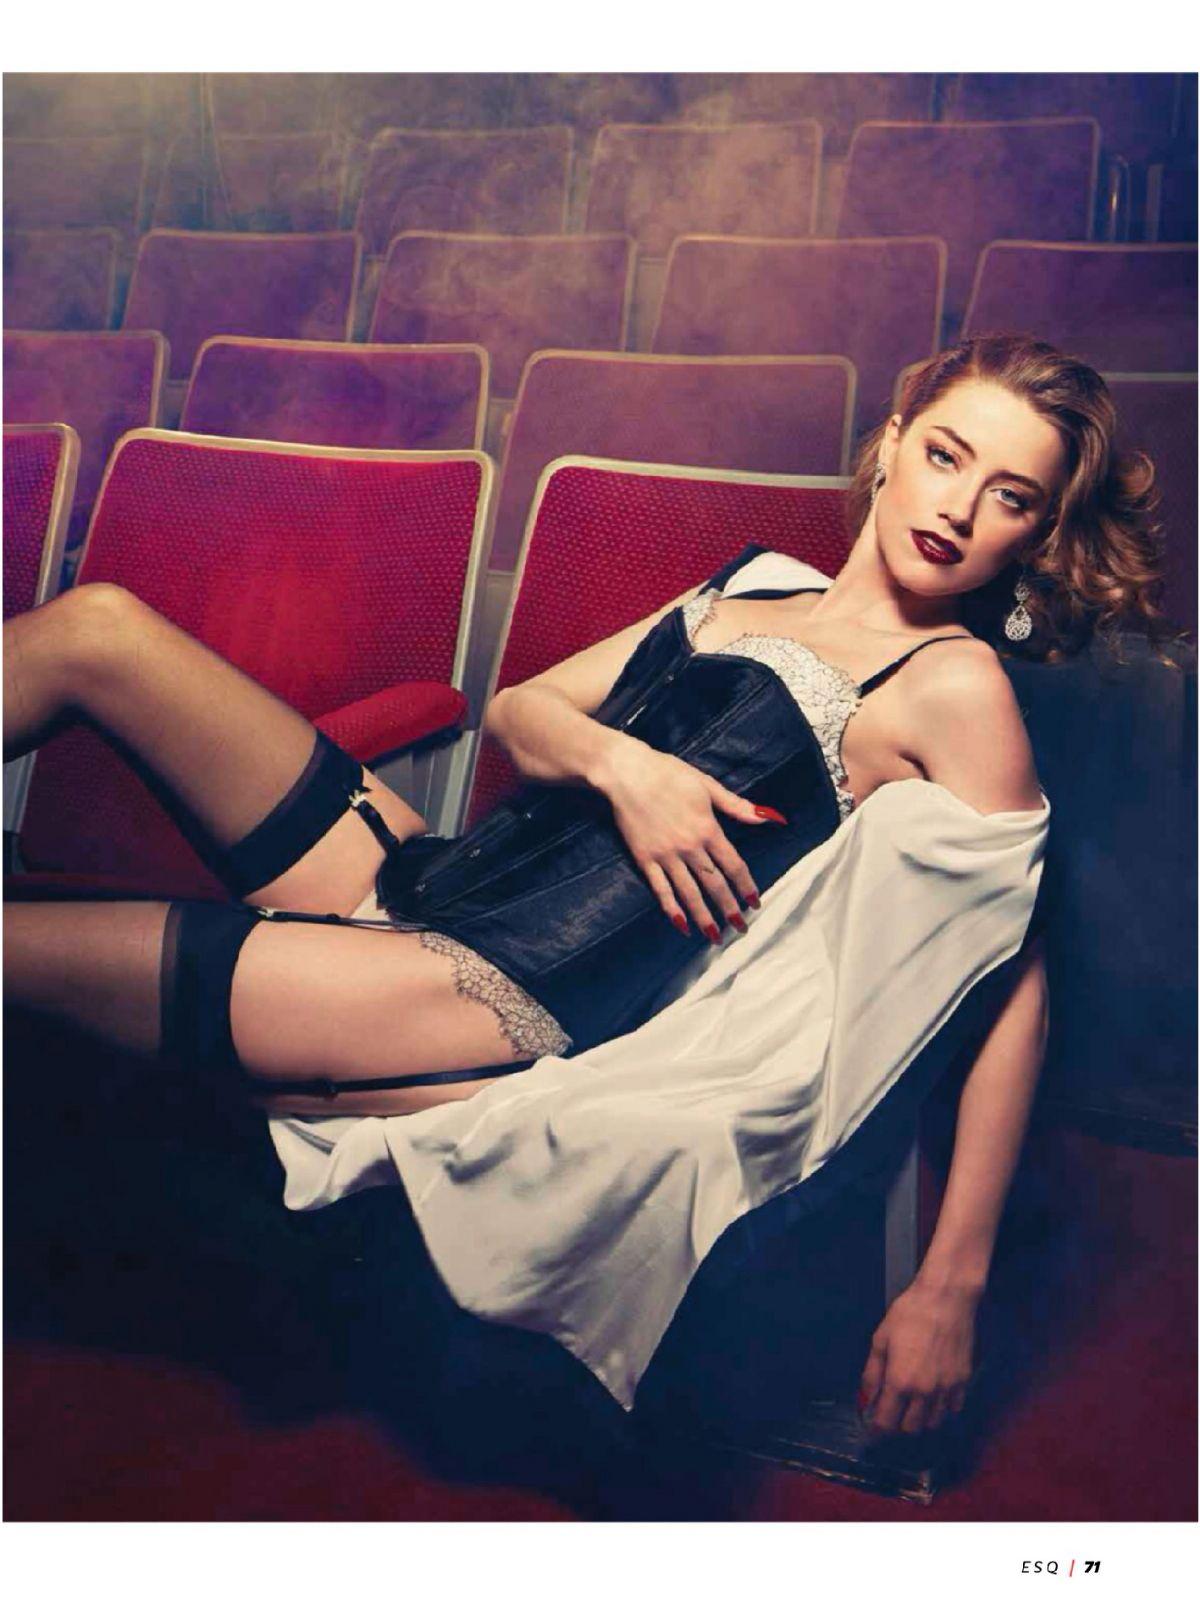 amber-heard-in-esquire-latino-magazine-2014-issue_5